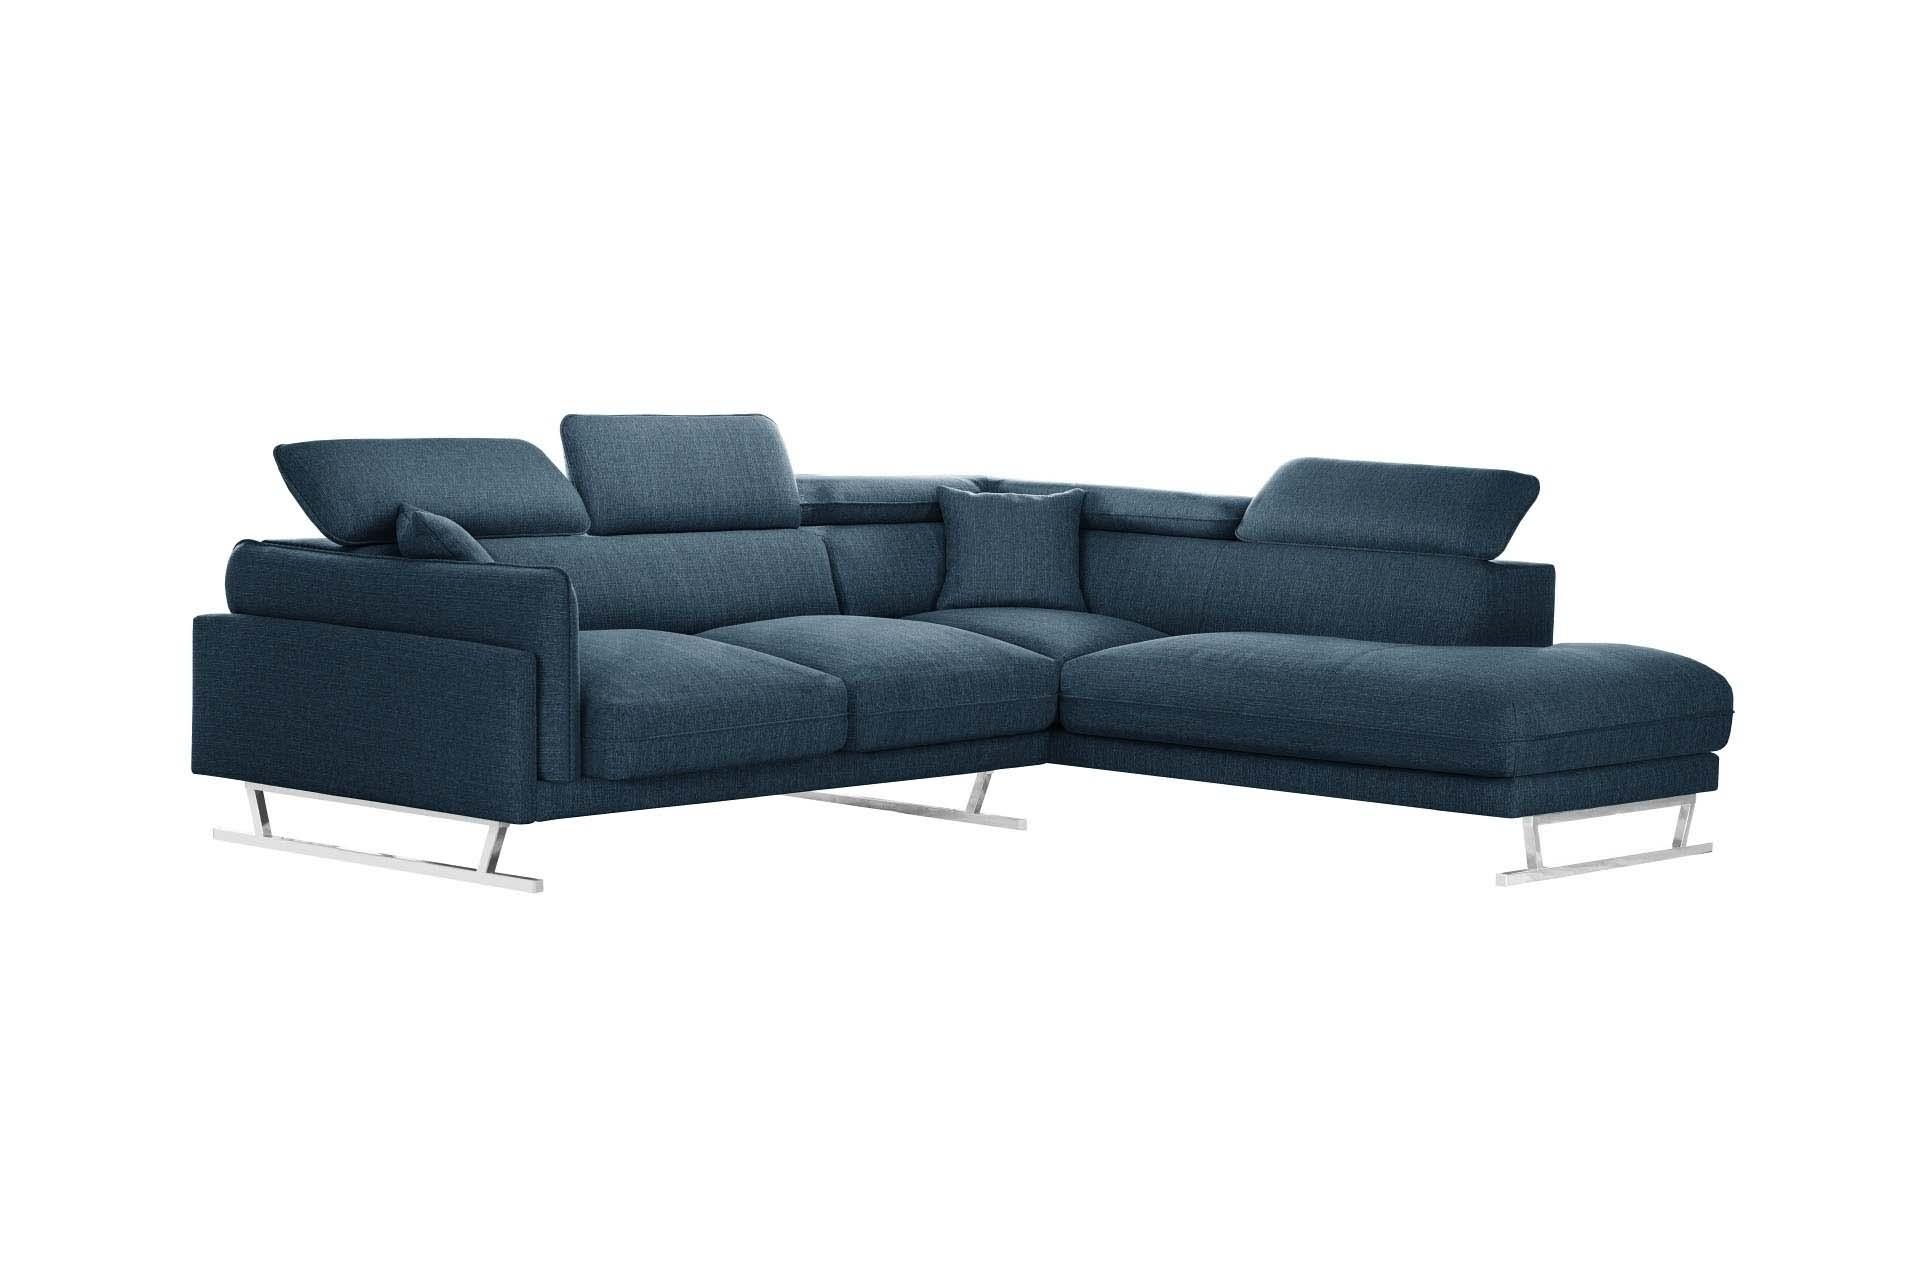 Canapé d'angle 6 places Bleu Tissu Luxe Design Confort